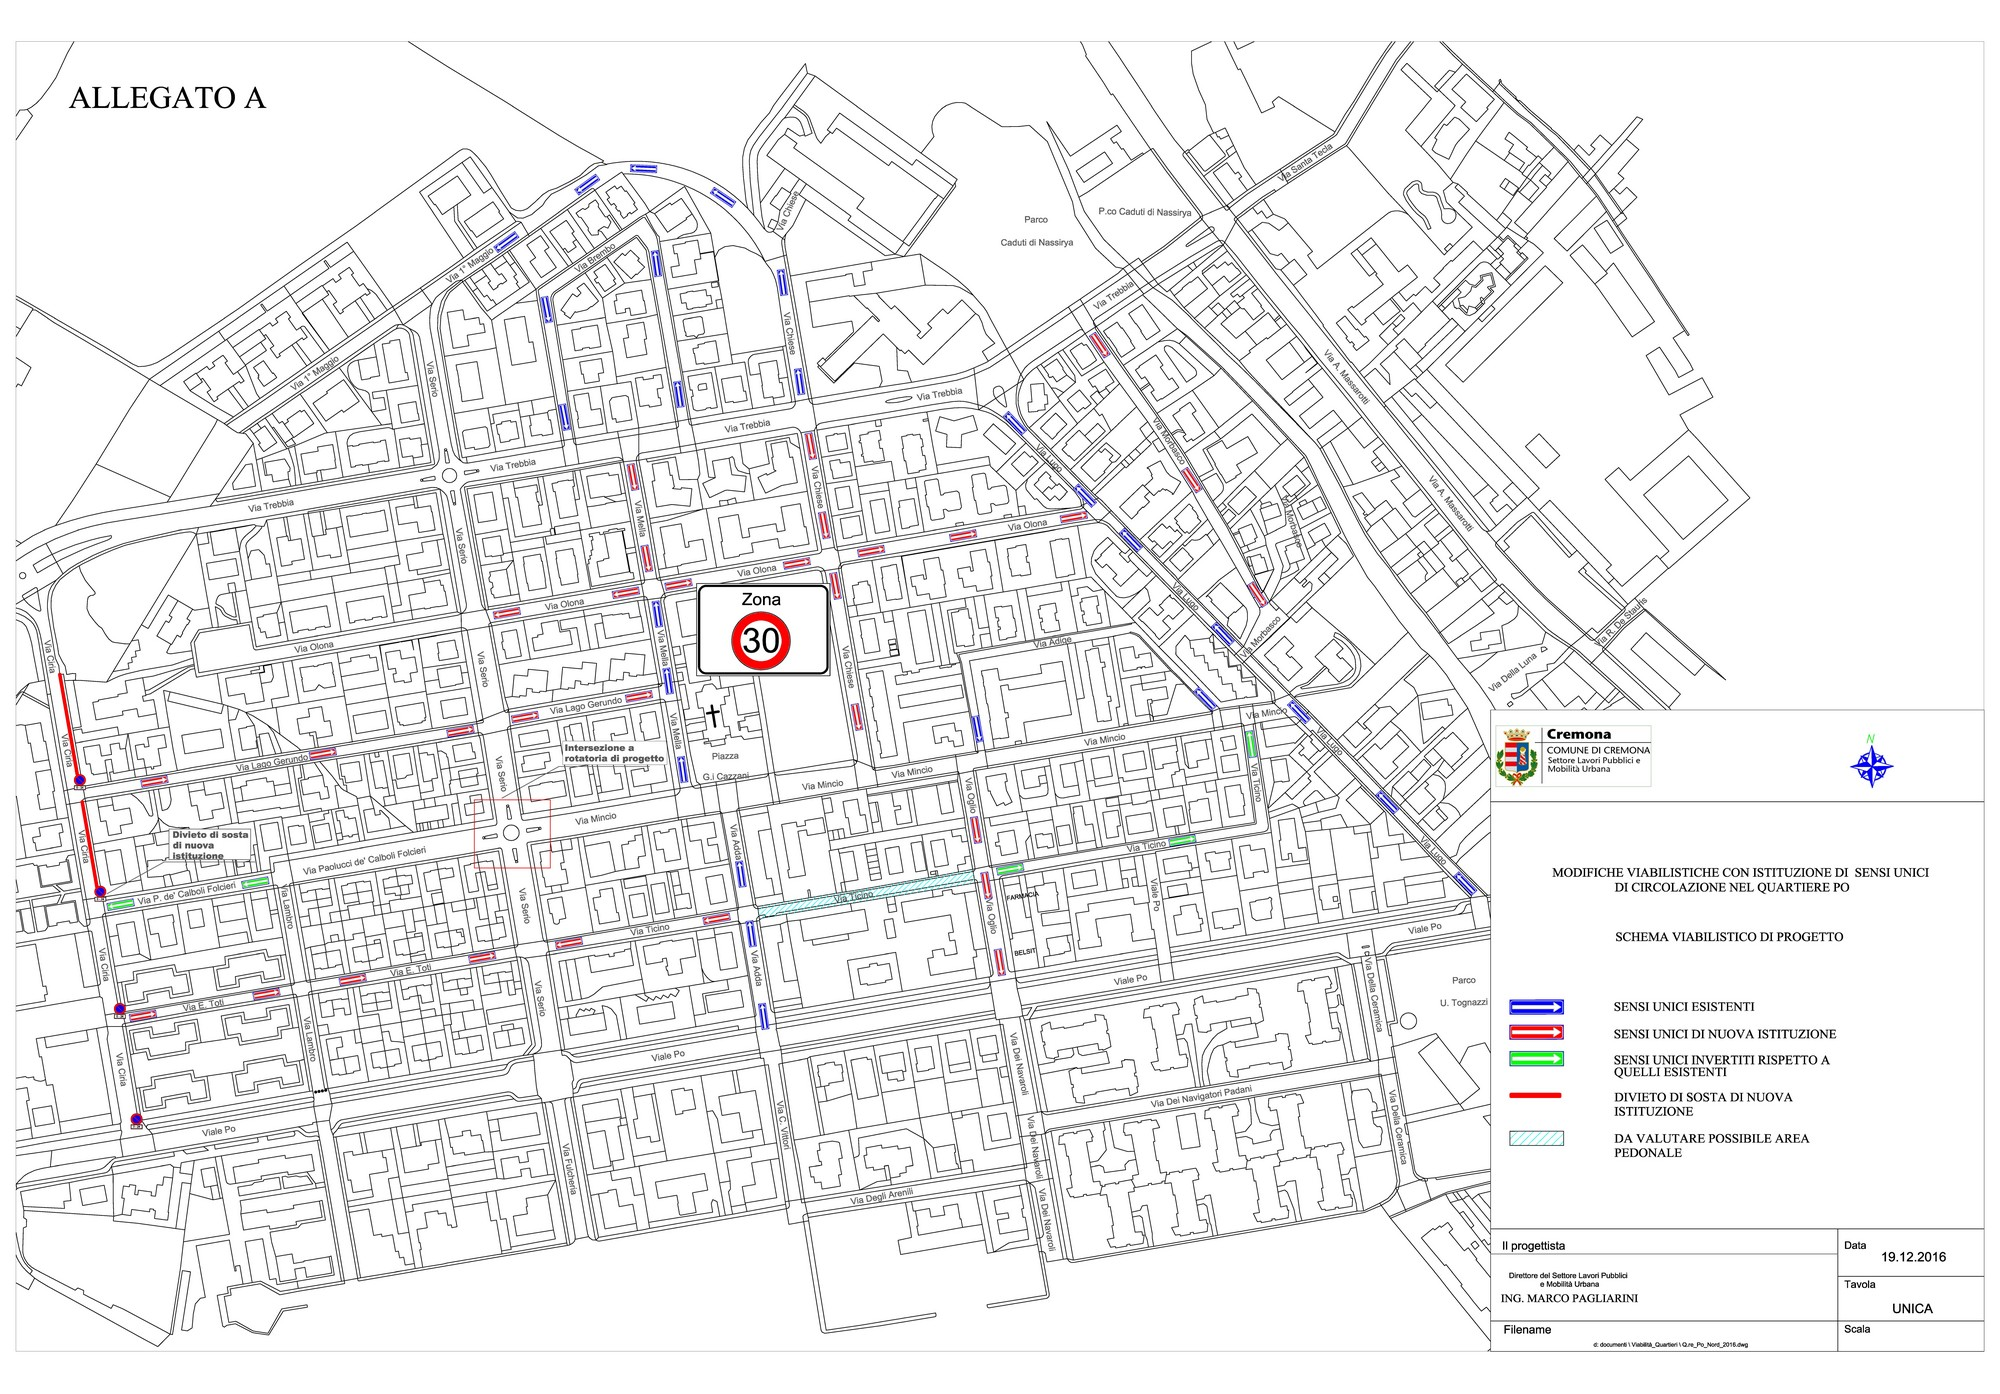 Più vivibilità e sicurezza (in particolare vicino alle scuole) al quartiere Po: in primavera sensi unici e zona 30